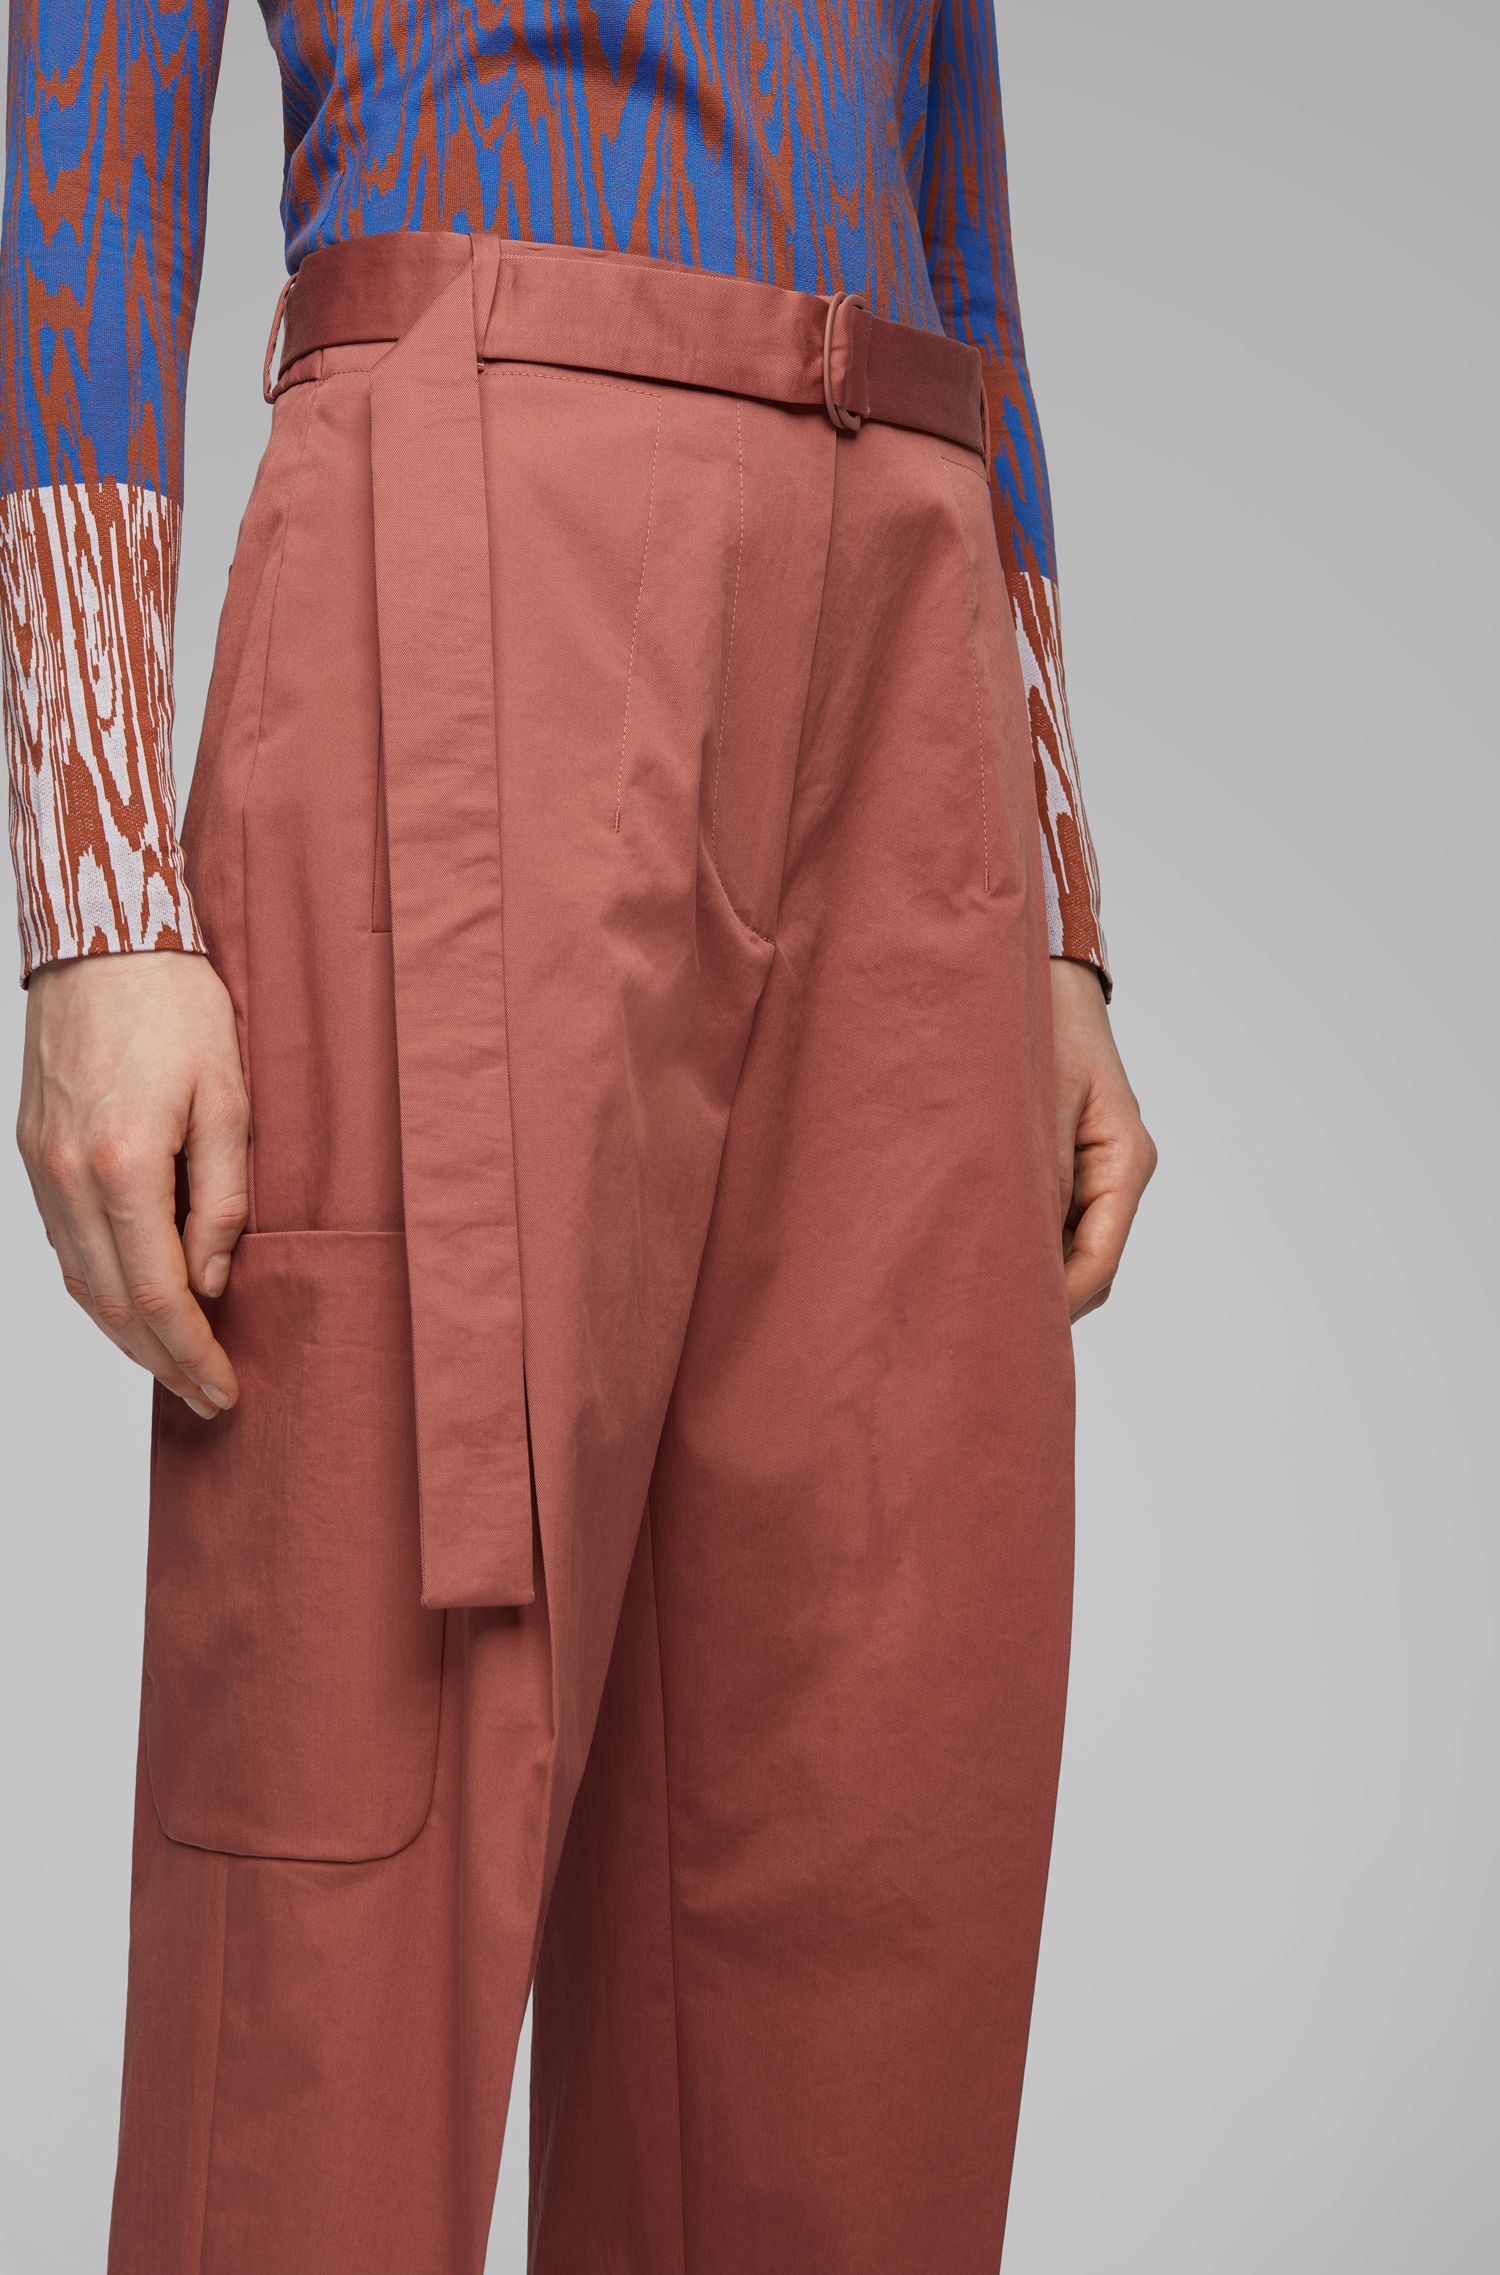 Pantaloni relaxed fit in cotone elasticizzato portoghese, Marrone